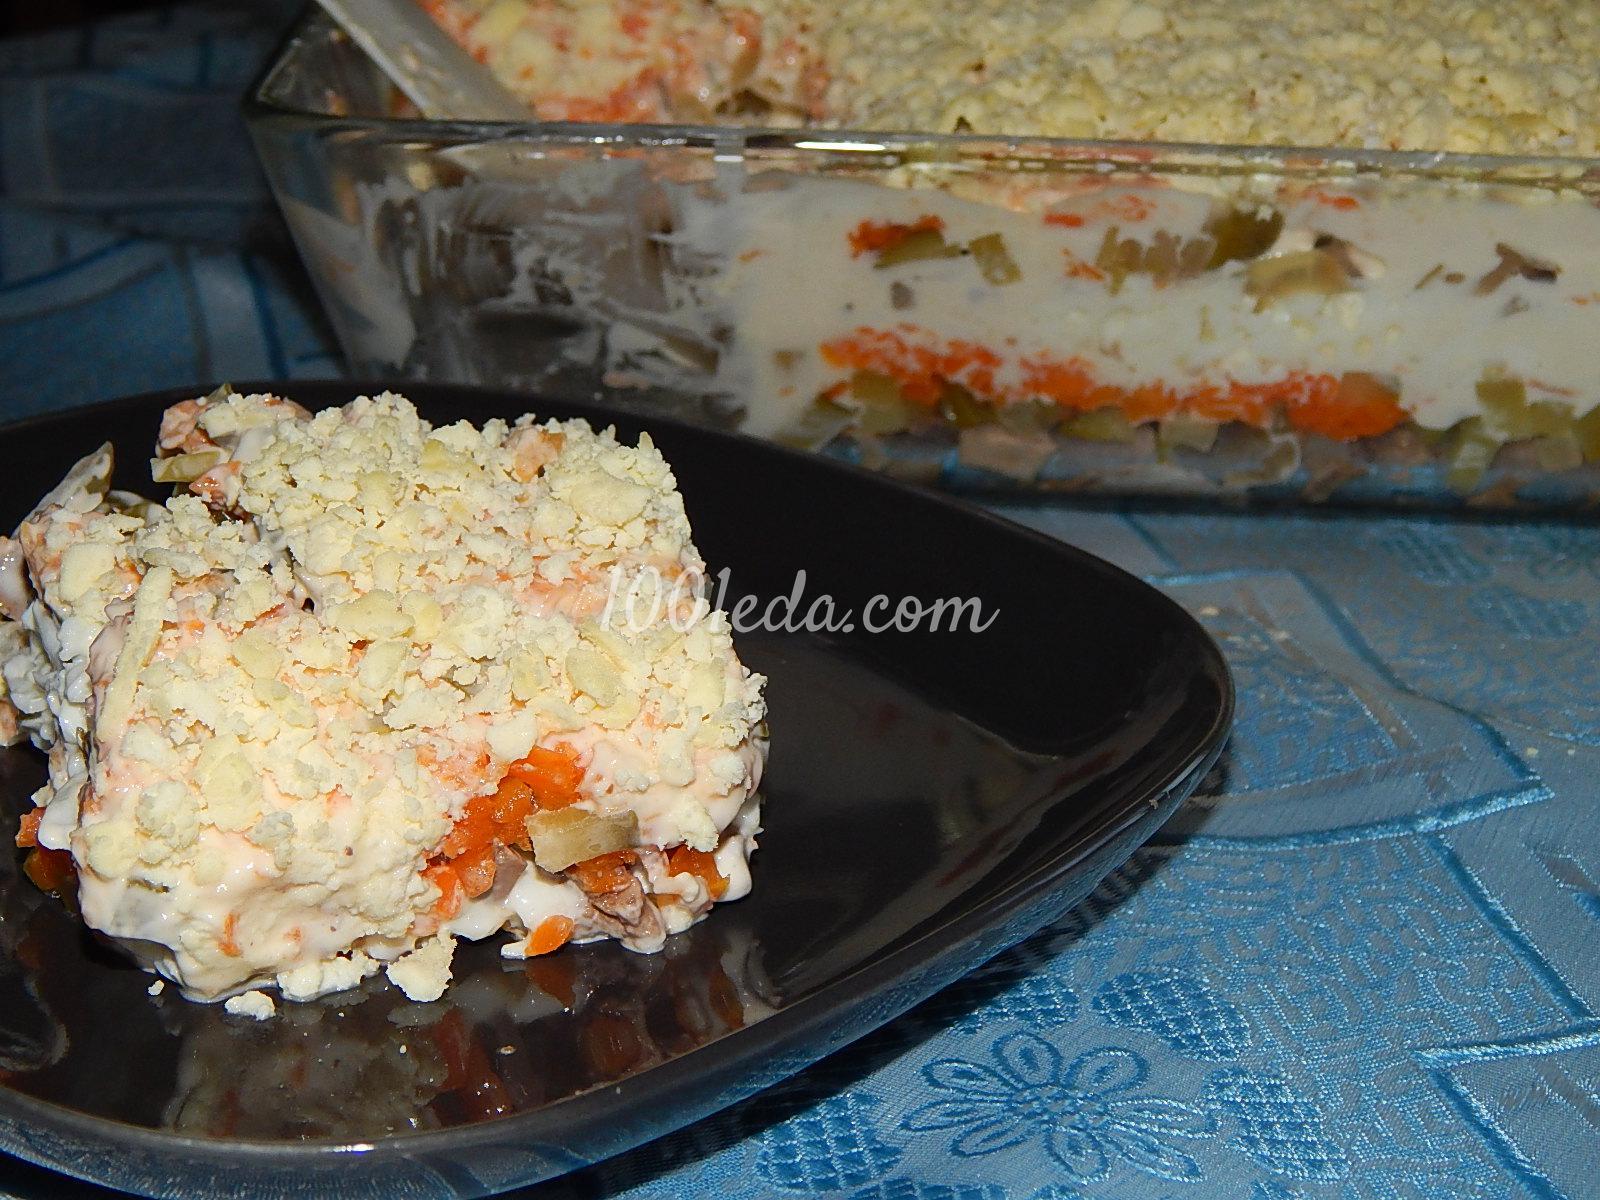 салат слоеный печенкин рецепт с фото пошагово